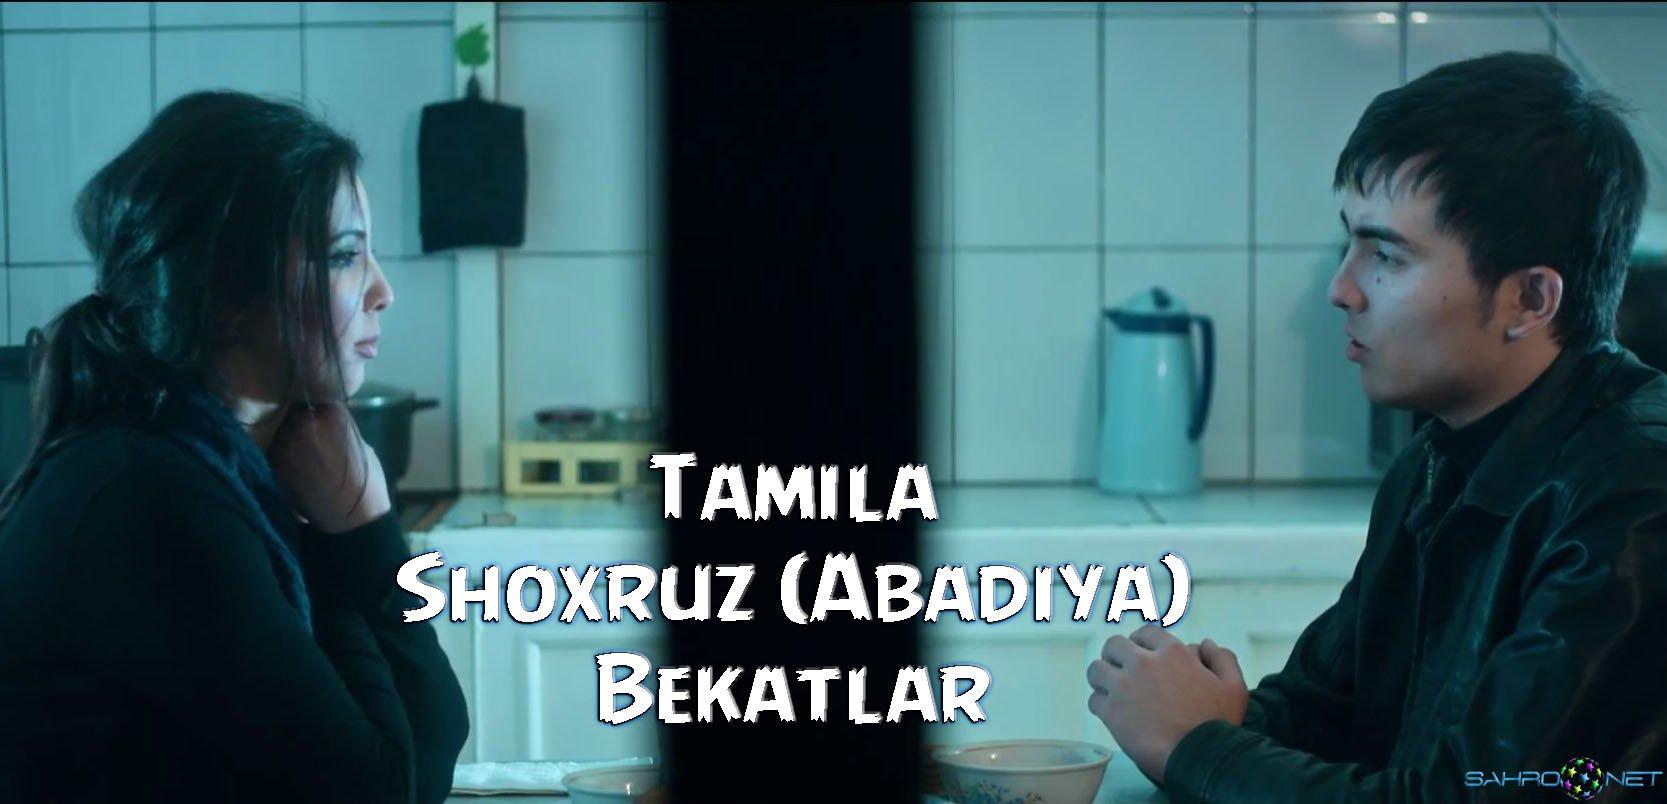 Tamila - Bekatlar Узбек Клип 2016